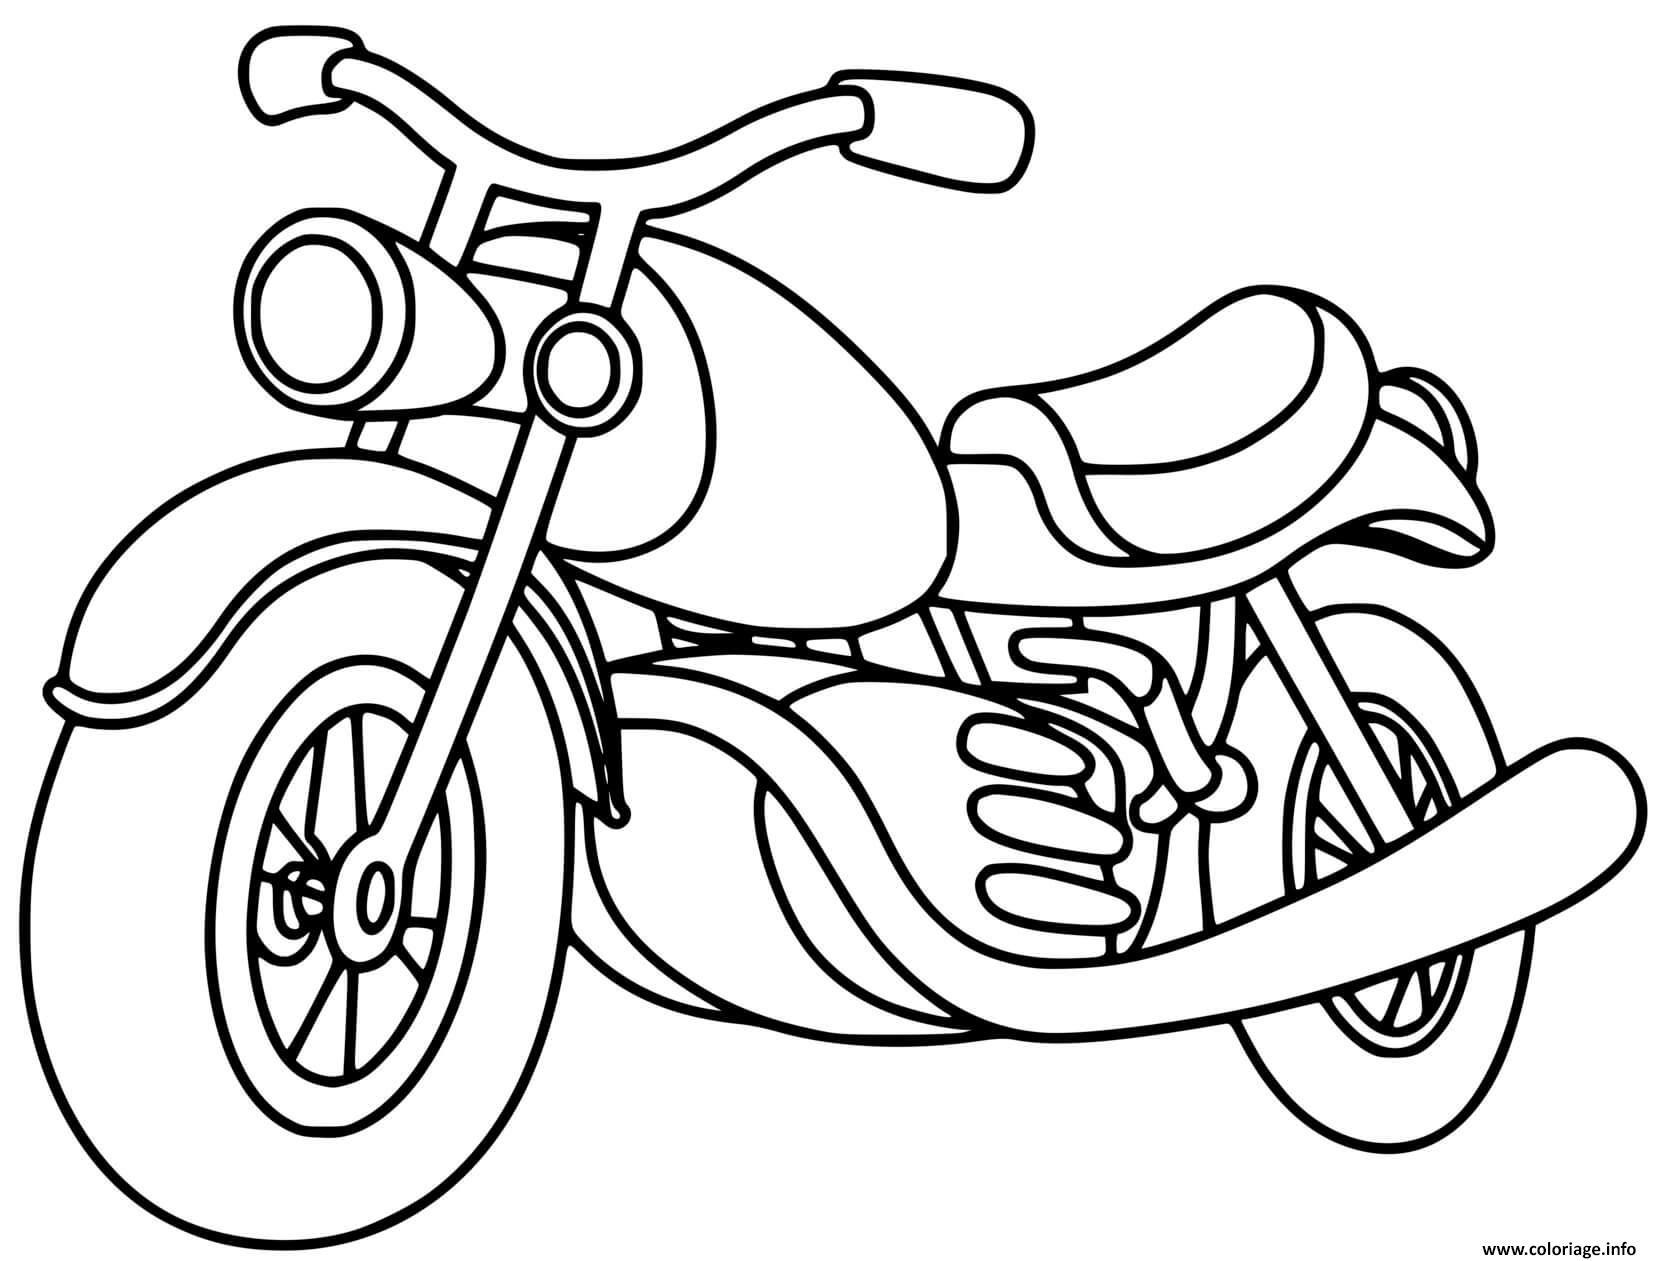 Dessin moto classique motorcycle Coloriage Gratuit à Imprimer